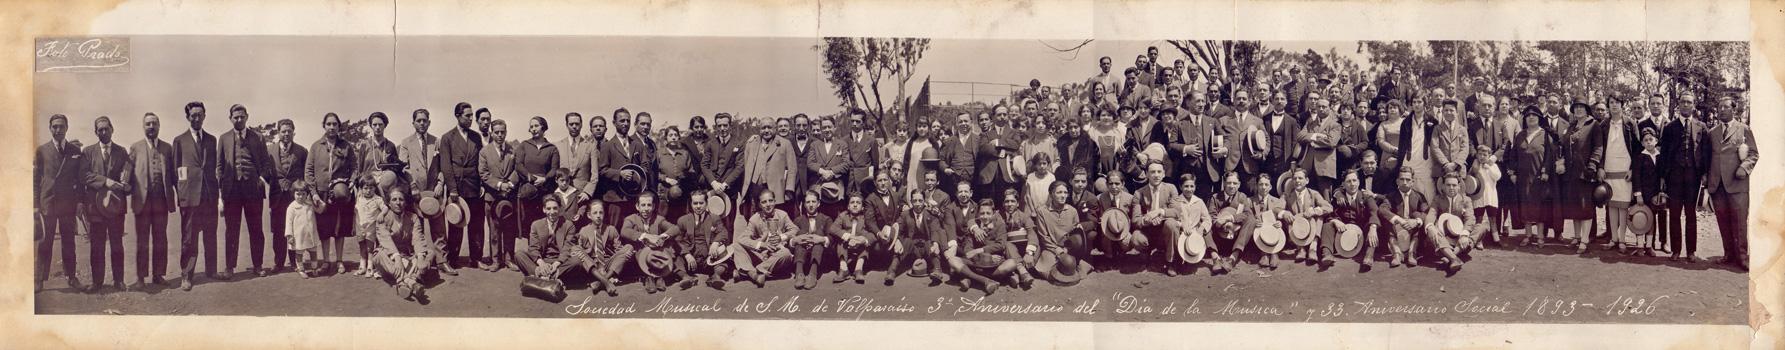 Sociedad Musical de Socorros Mutuos de Valparaíso. Día de la Música. La fotografía fue tomada en 1926, conmemorando los 33 años de funcionamiento de la SMSM de Valparaíso, y el tercer año de celebración del Día de la Música. Este momento histórico fue captado por Fotografías Prado.